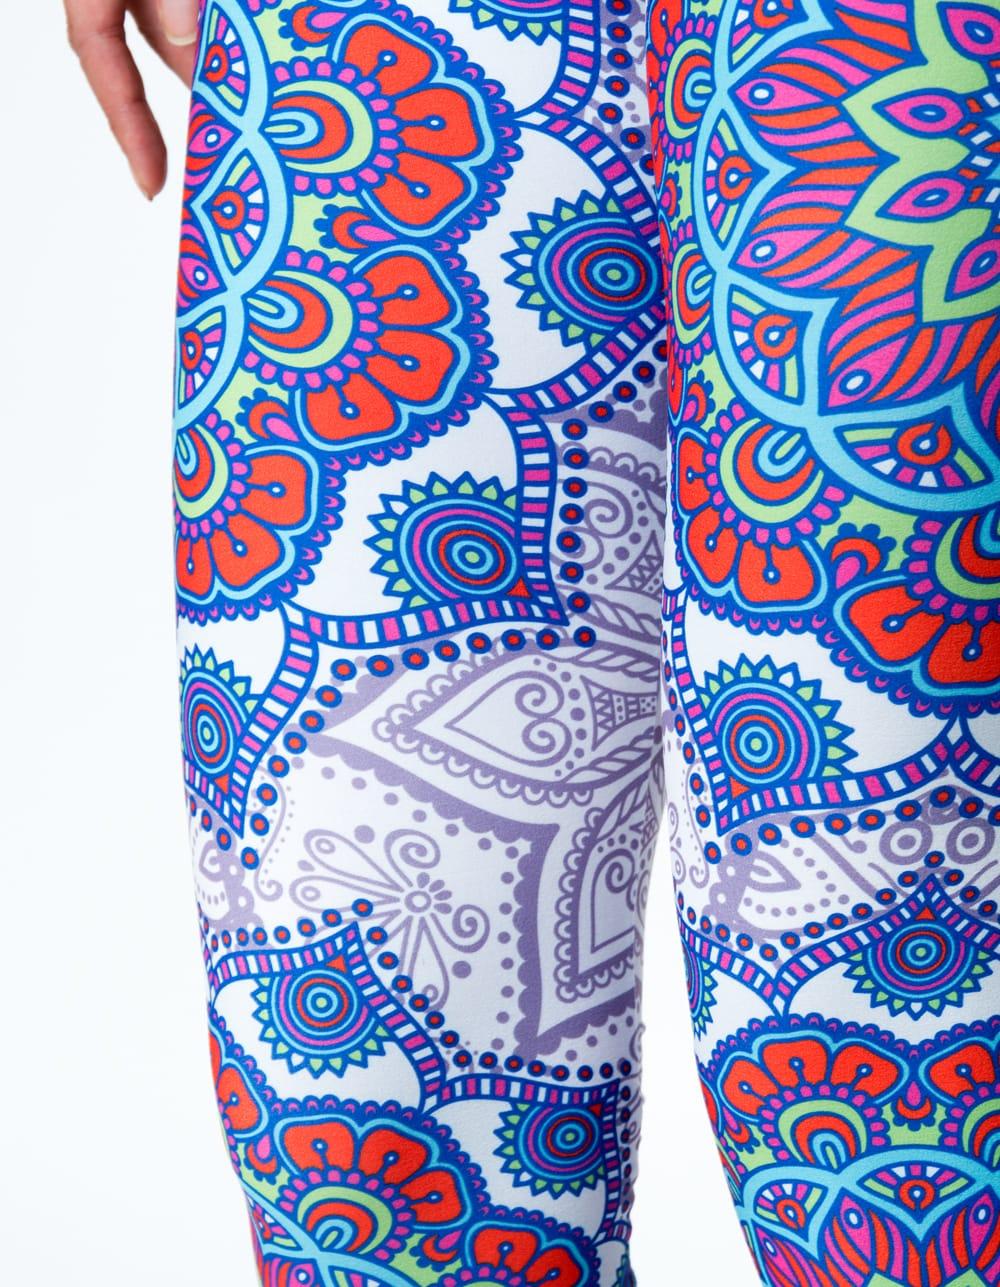 フルグラフィック マンダラ美脚ヨガレギンス - アーリーサマー 6 - 肌触りの良い生地が使われています